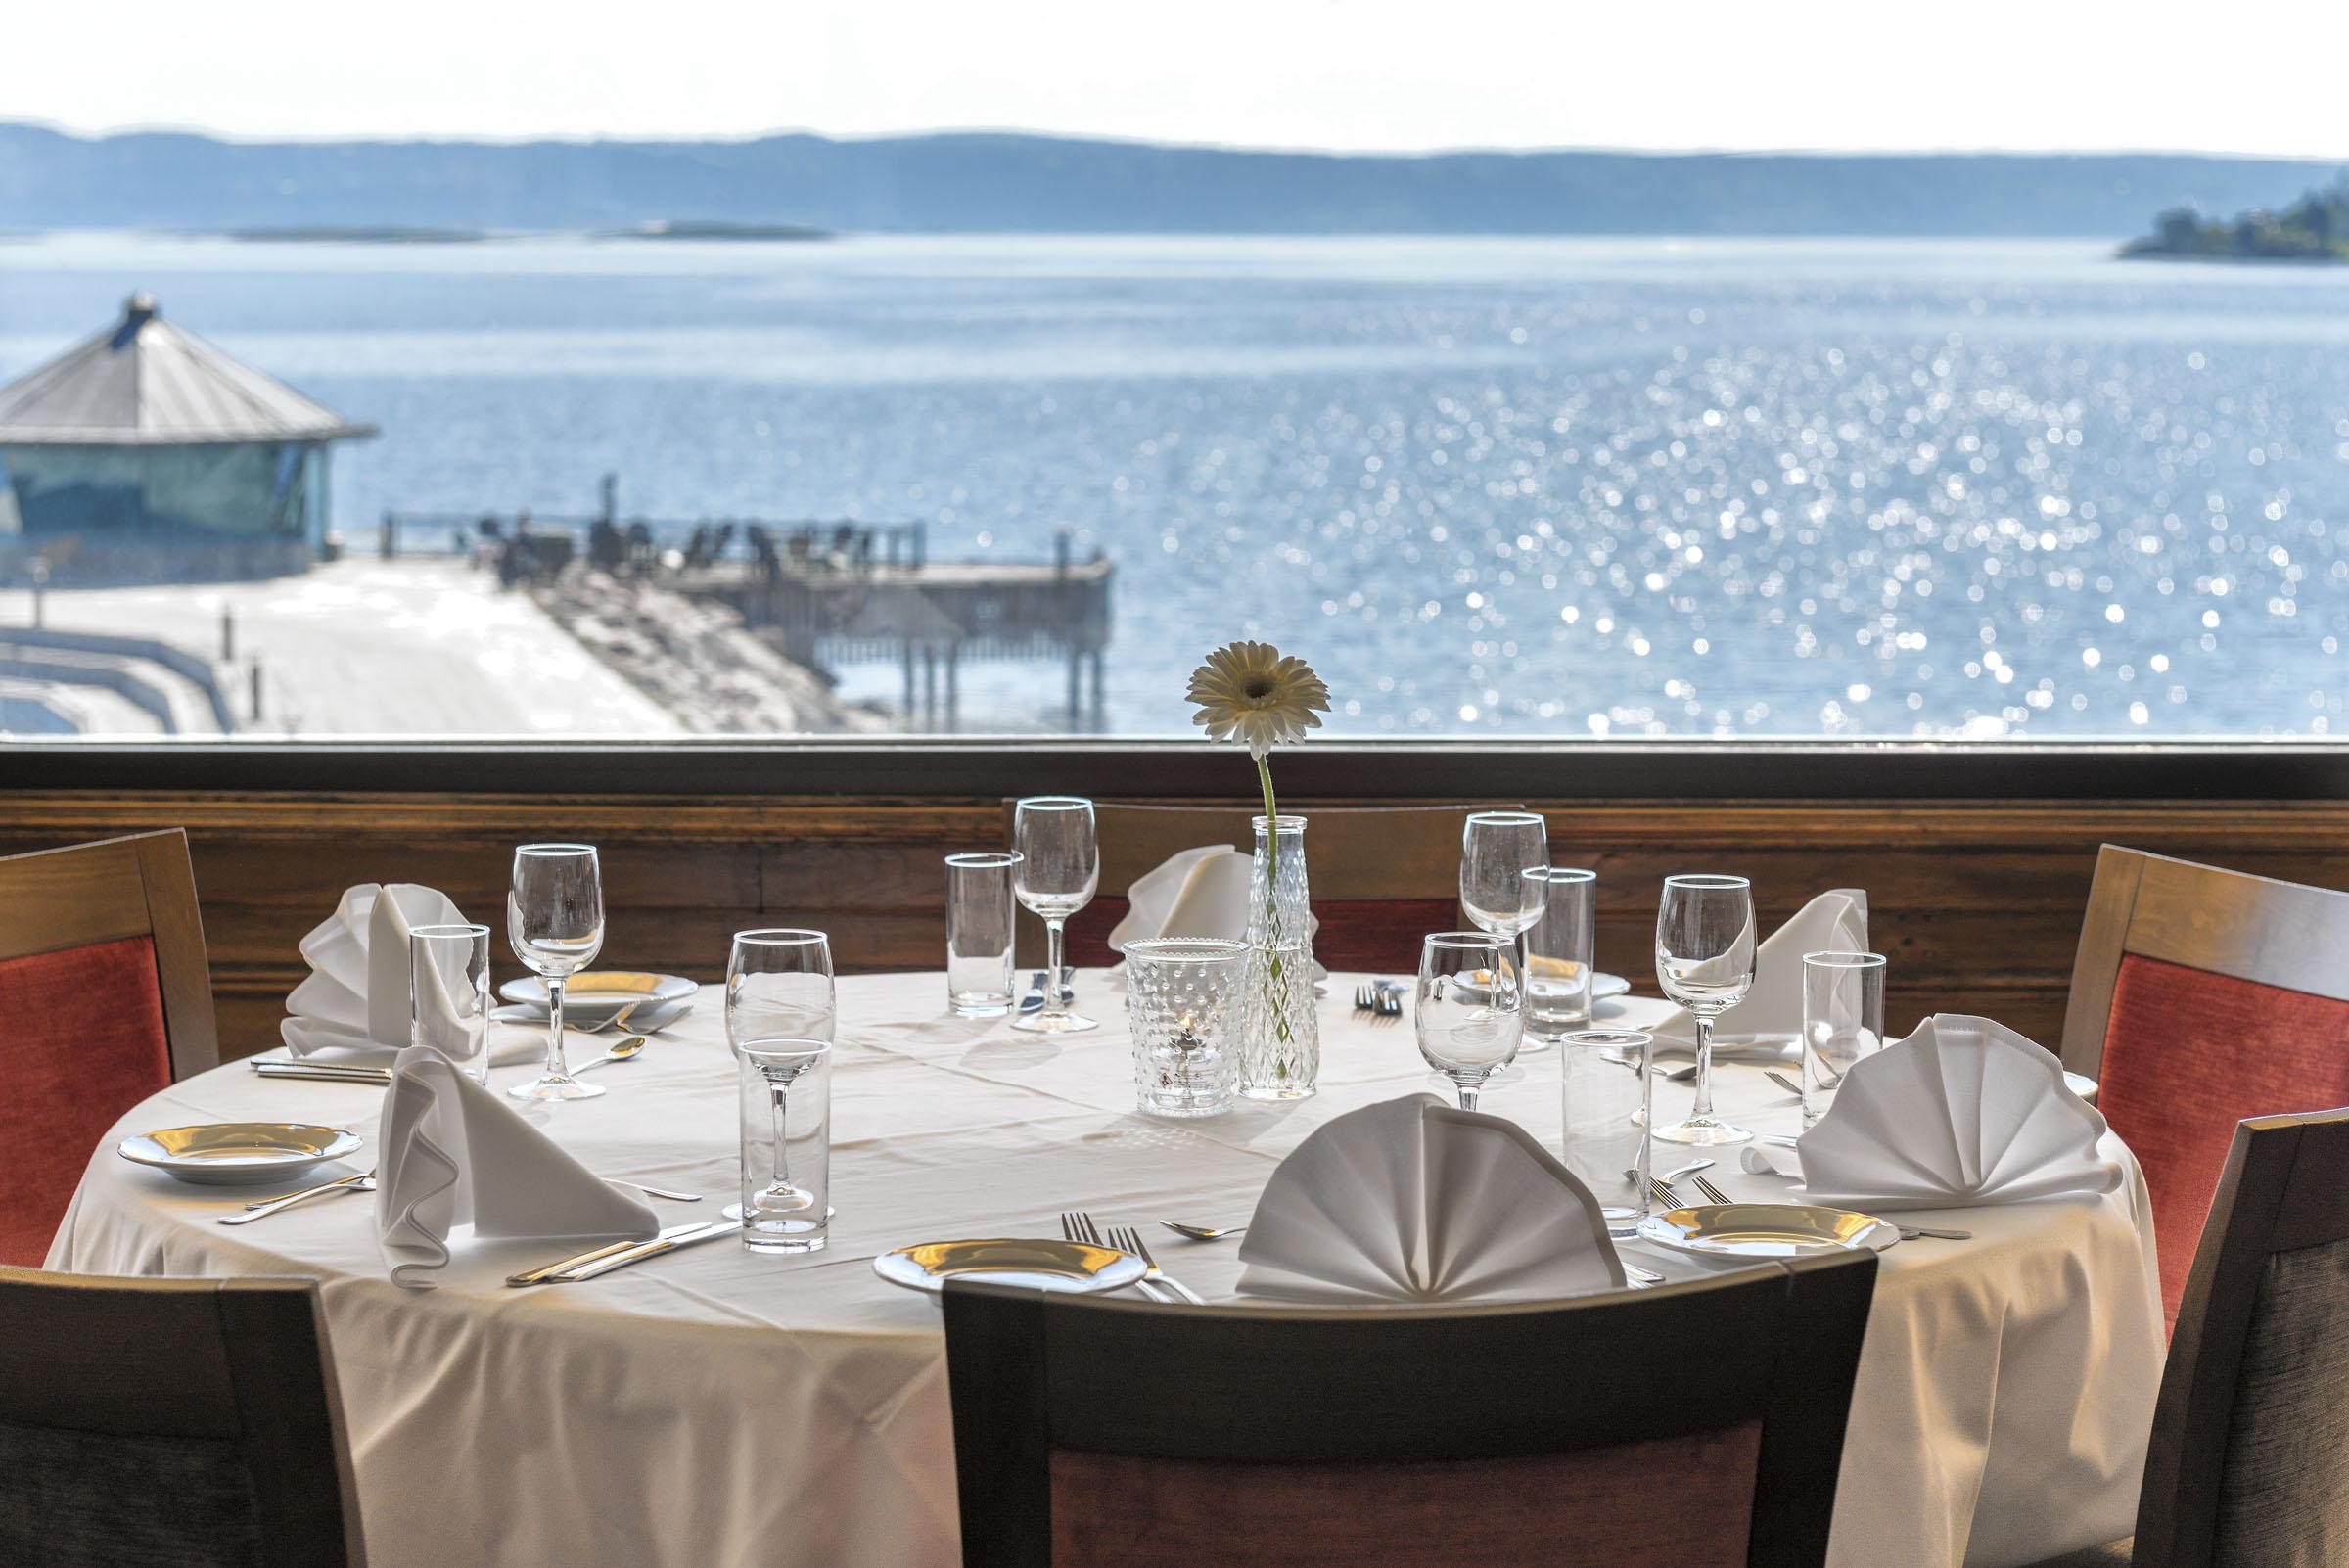 Holmen_Fjordhotell_Restaurant_1.jpg